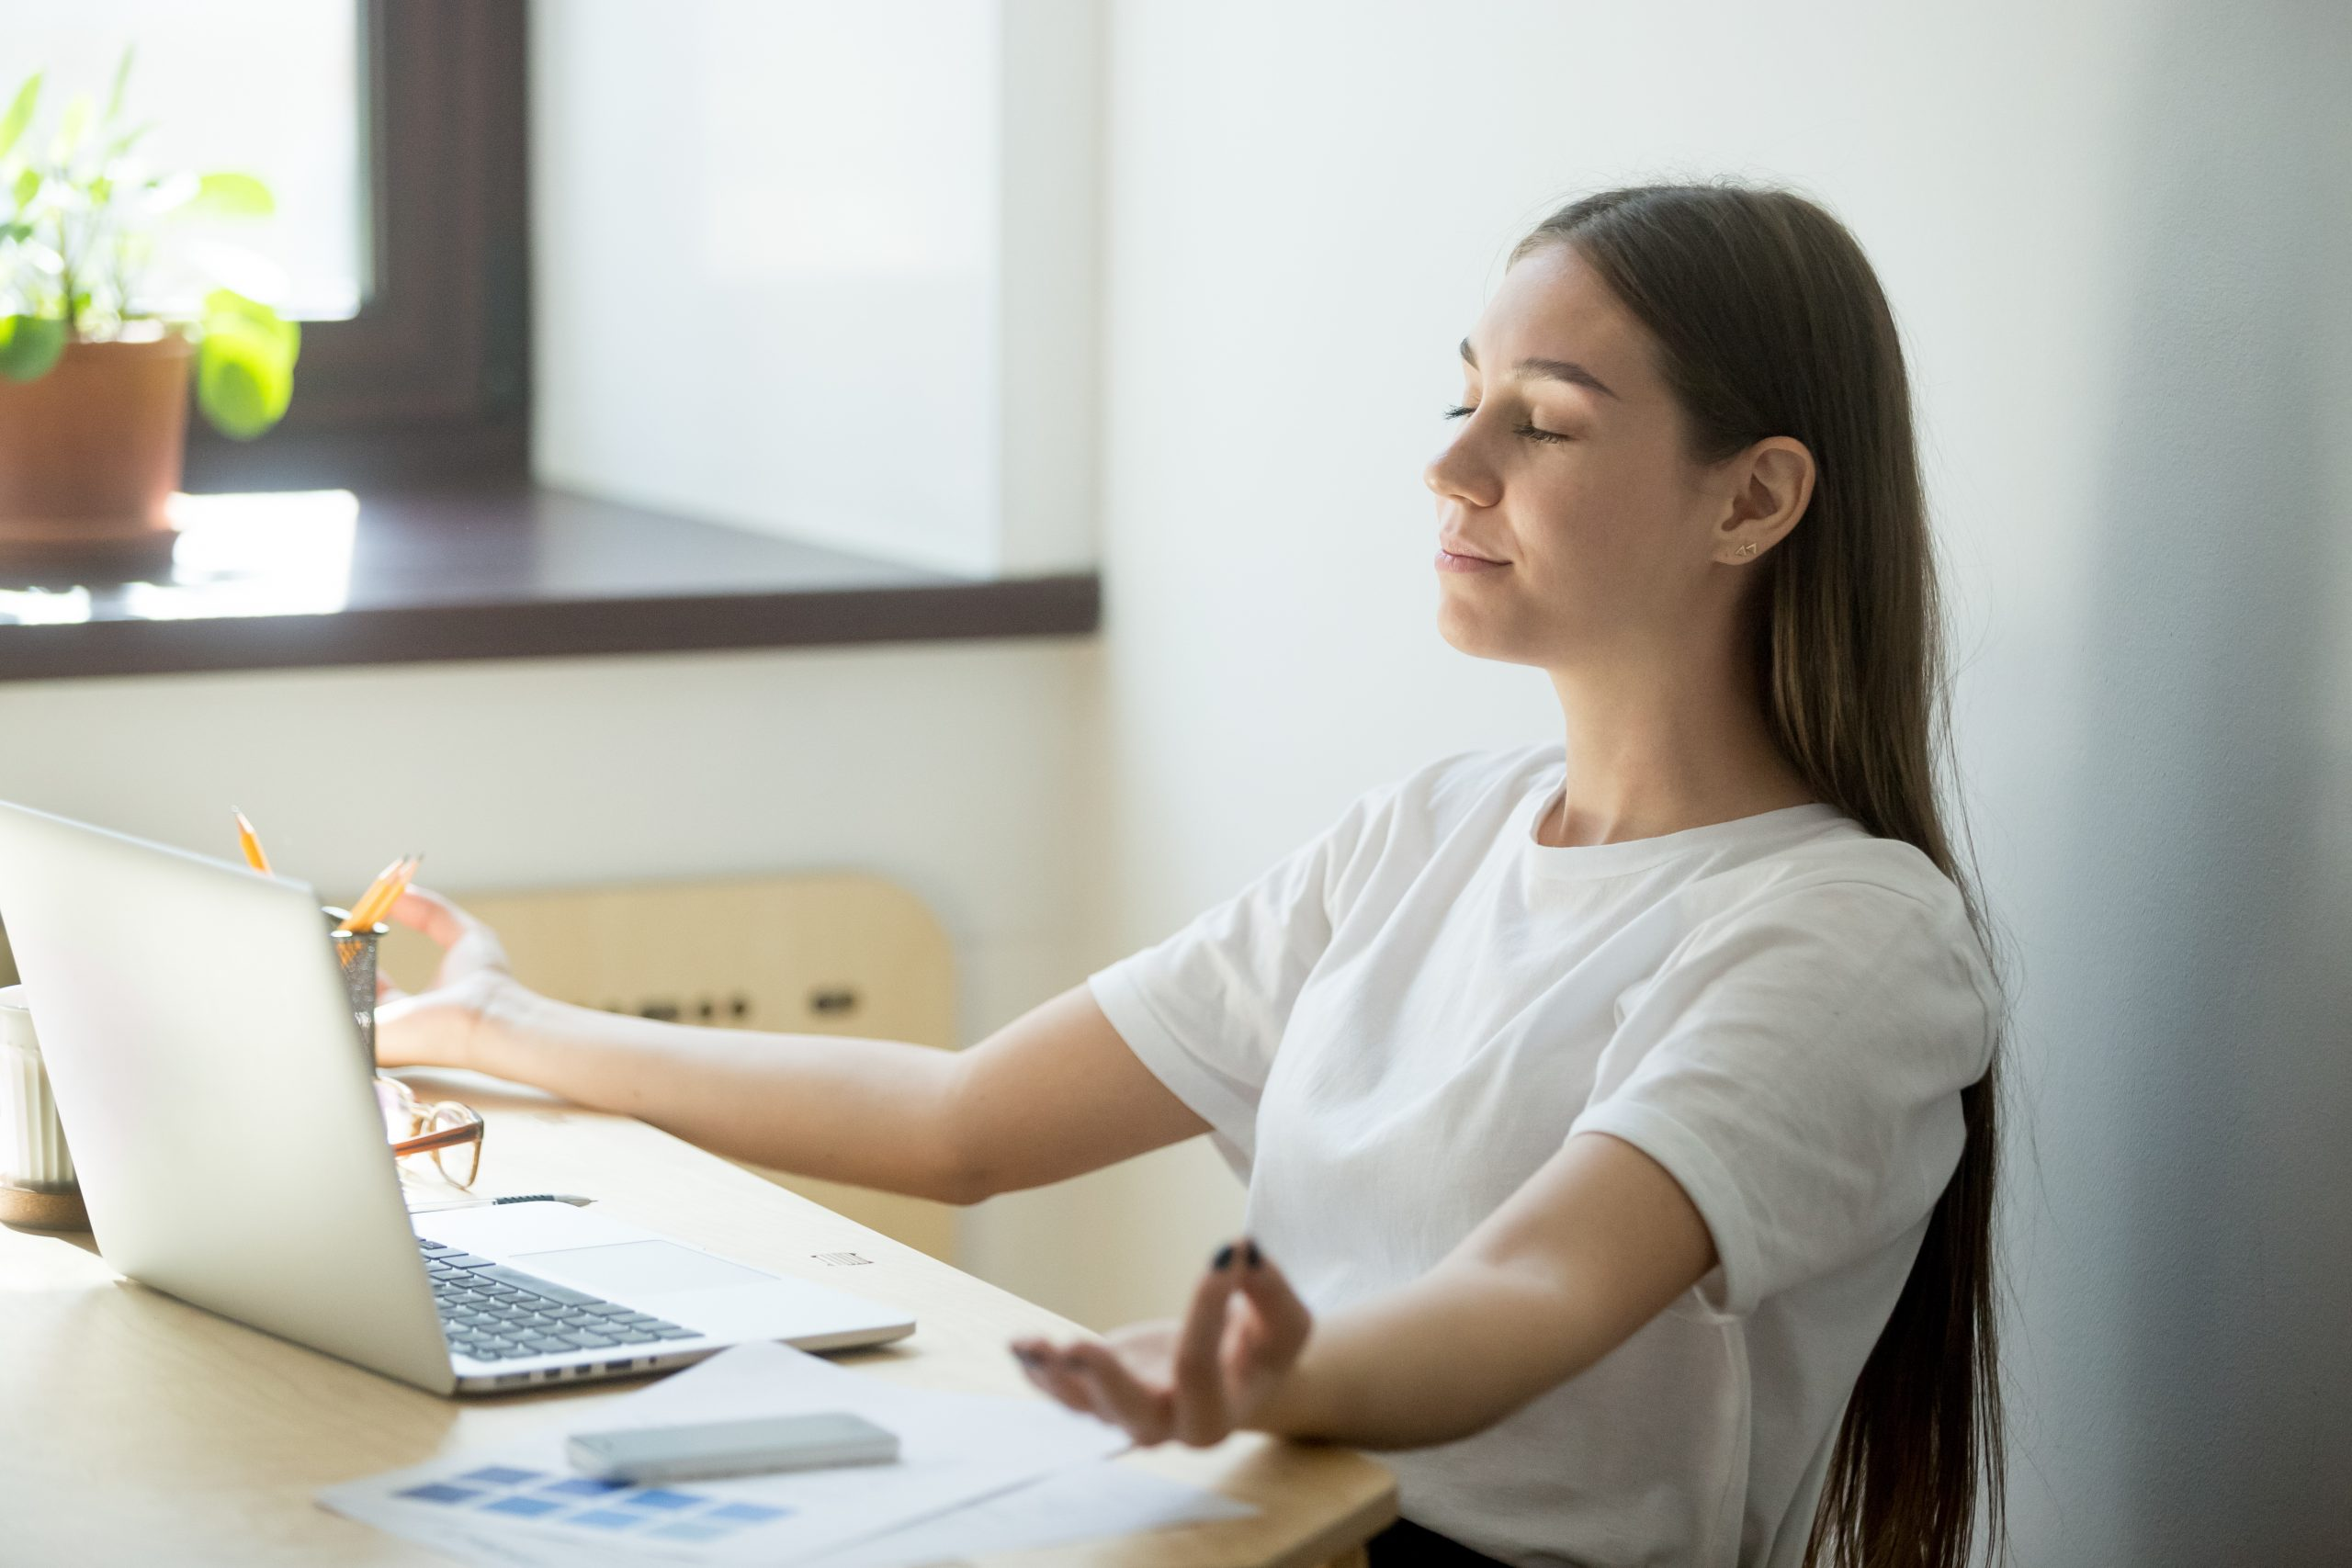 Gérer son stress en télétravail : 5 astuces pour retrouver le calme et se préserver